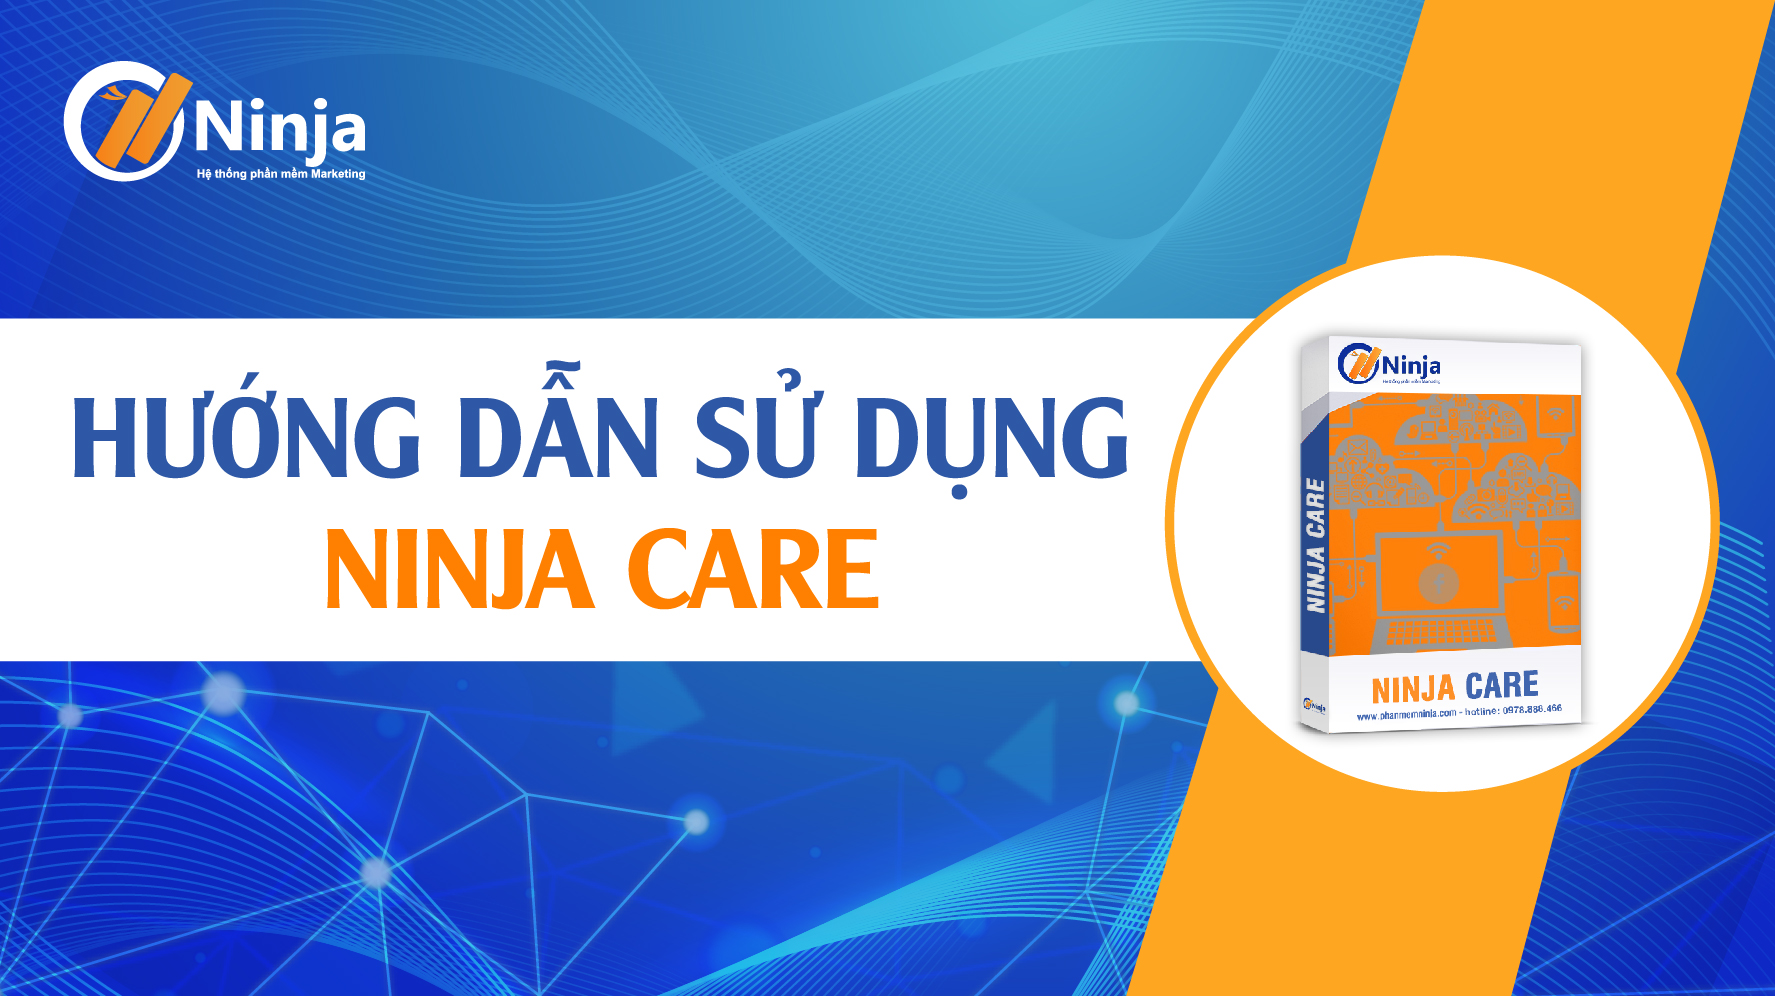 bài ninja care 01 Hướng dẫn cài đặt Cốc Cốc cho Ninja Care